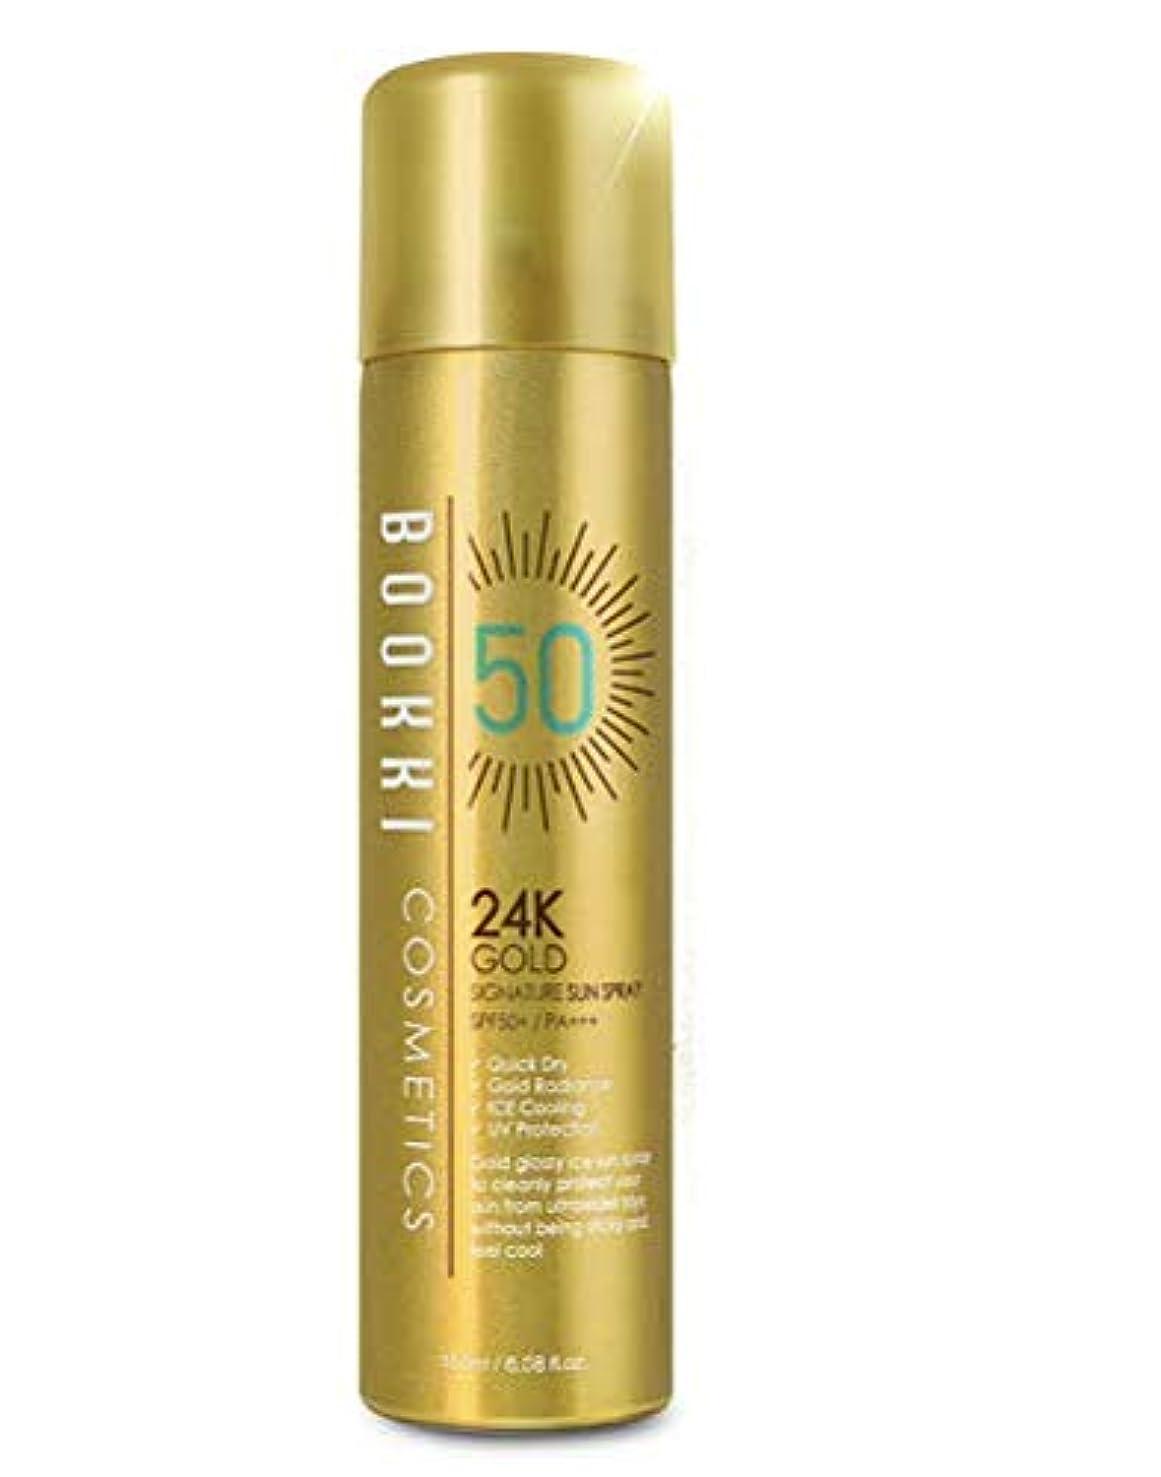 連想補う統計的24Kゴールドシグネチャーサンスプレー(180ml) 美白 美容 美顔 シワ改善 紫外線カット 紫外線遮断 UVカット 日焼止め